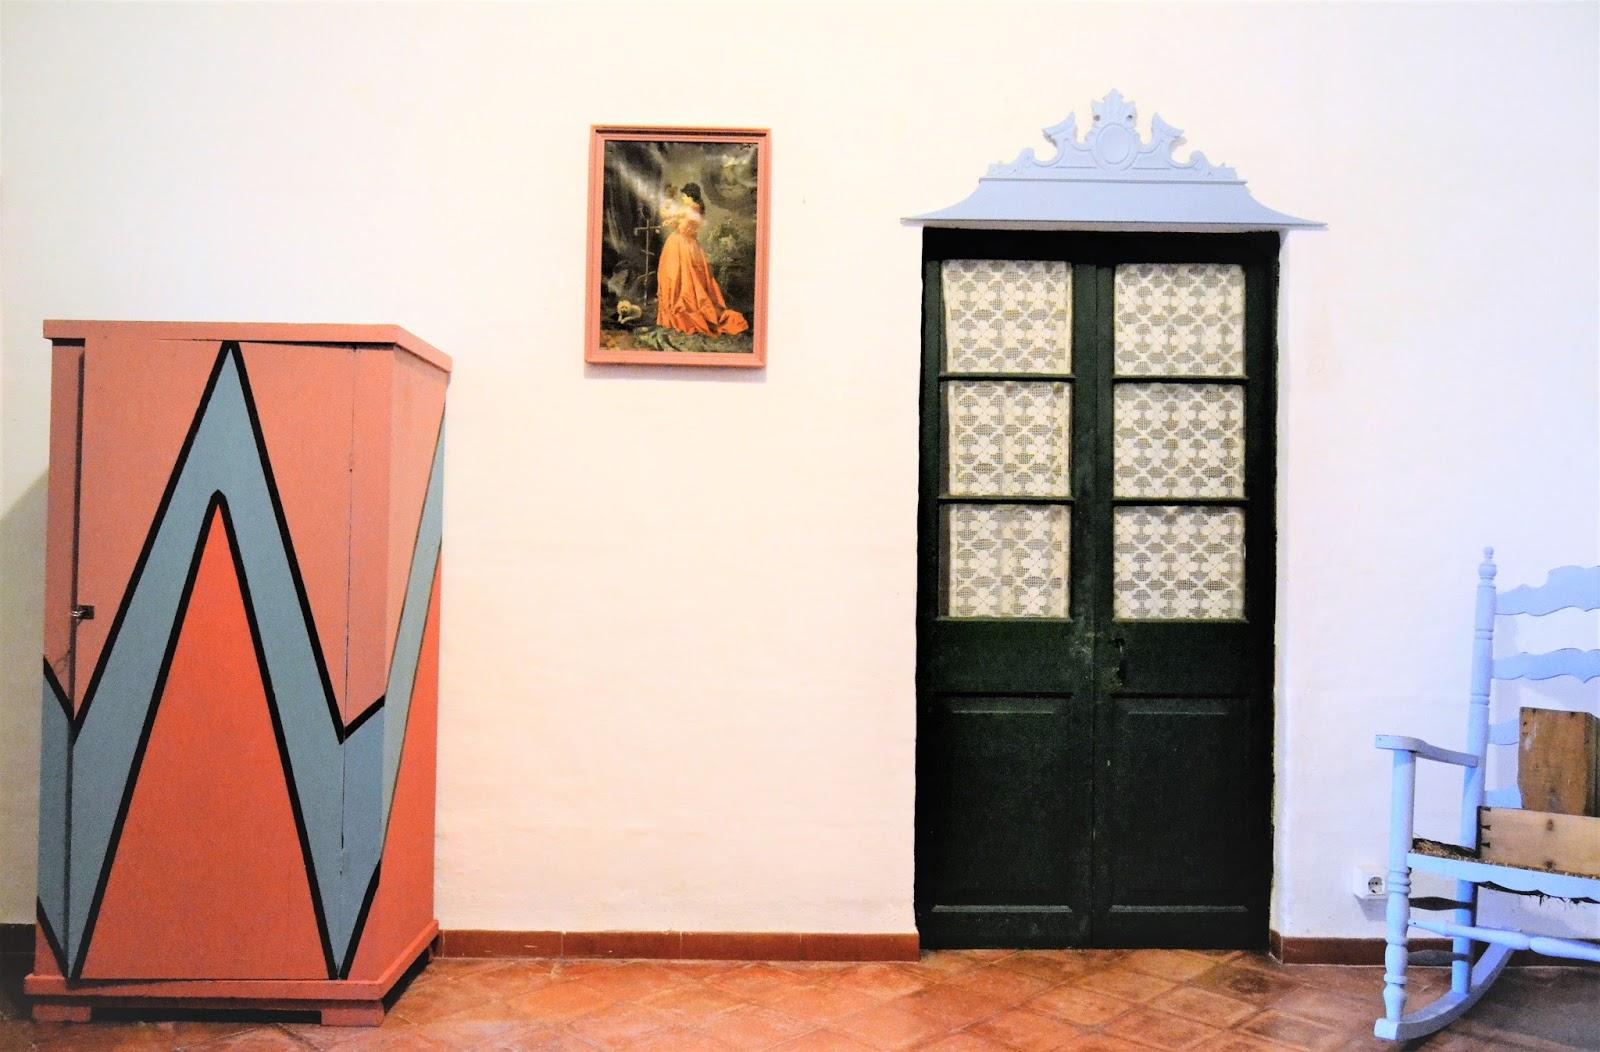 Una nueva imagen sorprendente para un antiguo armario muy maltrecho, la geometría, el color, pero sobre todo el atrevimiento, harán que un mueble sacado de la basura por el que nadie apostaría, se convierta en algo verdaderamente único!